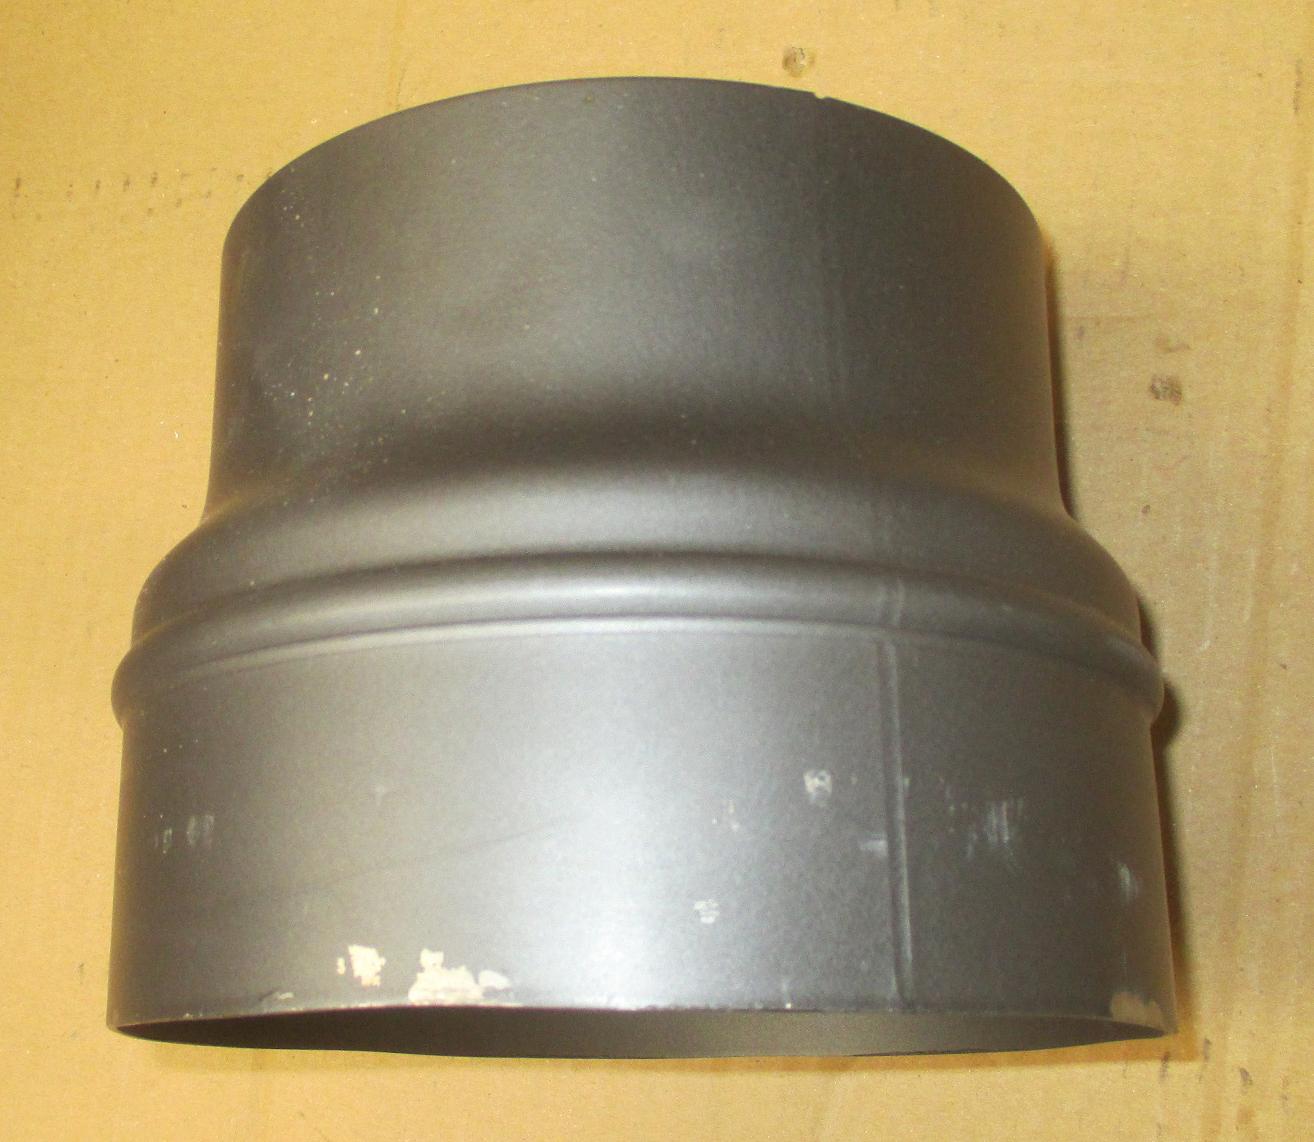 B-Ware Ofenrohr Reduzierung 150 weit auf 180eng grau Bild 3